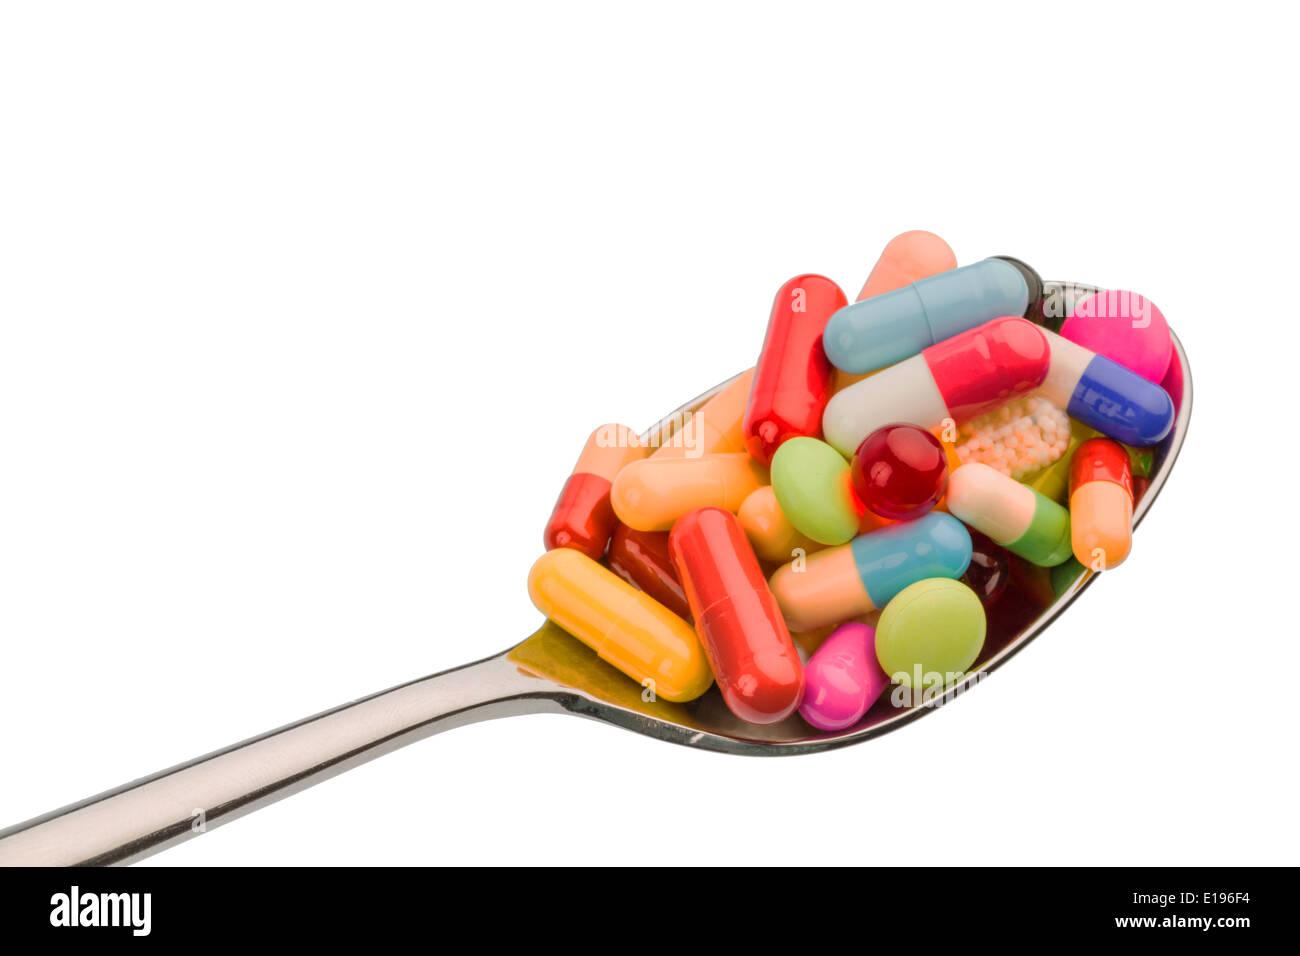 Viele bunte Tabletten auf einem Lˆffel. Symbolfoto f'r Tablettensucht und Miflbrauch von Medikamenten. Immagini Stock